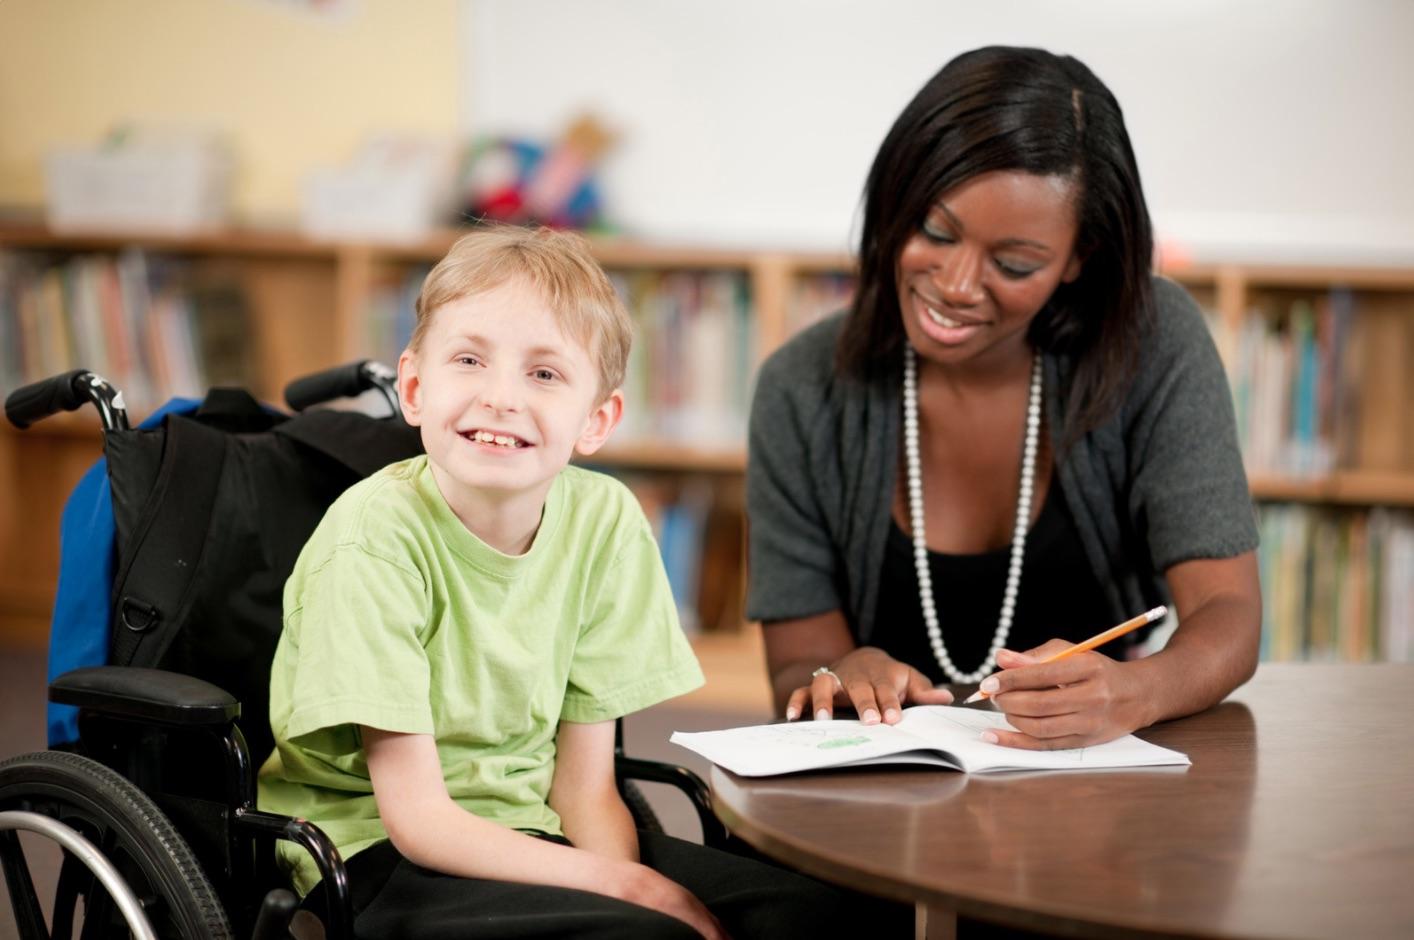 Cuidado infantil de niños con necesidades especiales